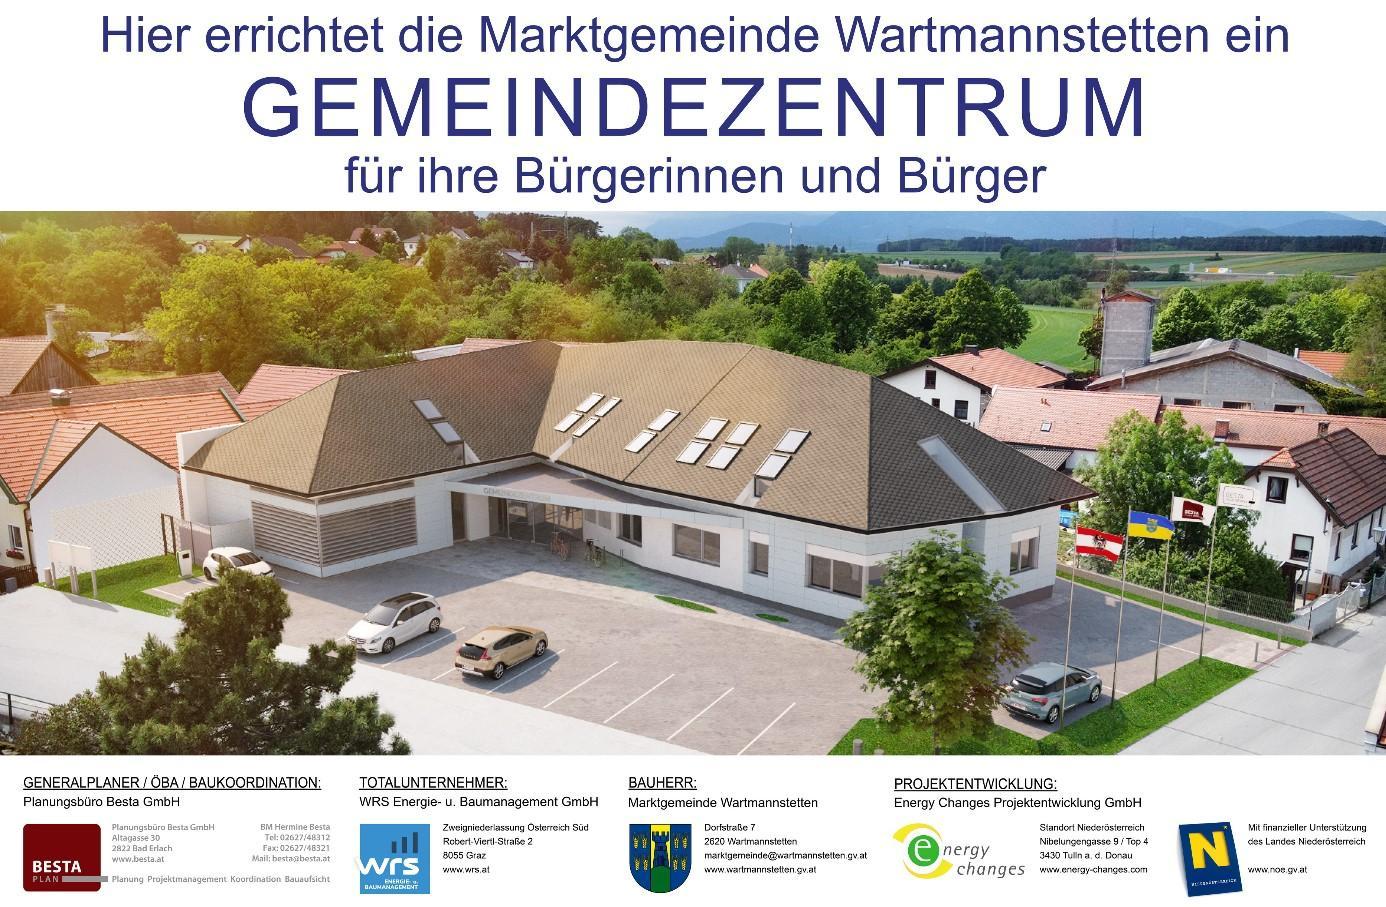 Gemeindezentrum Wartmannstetten